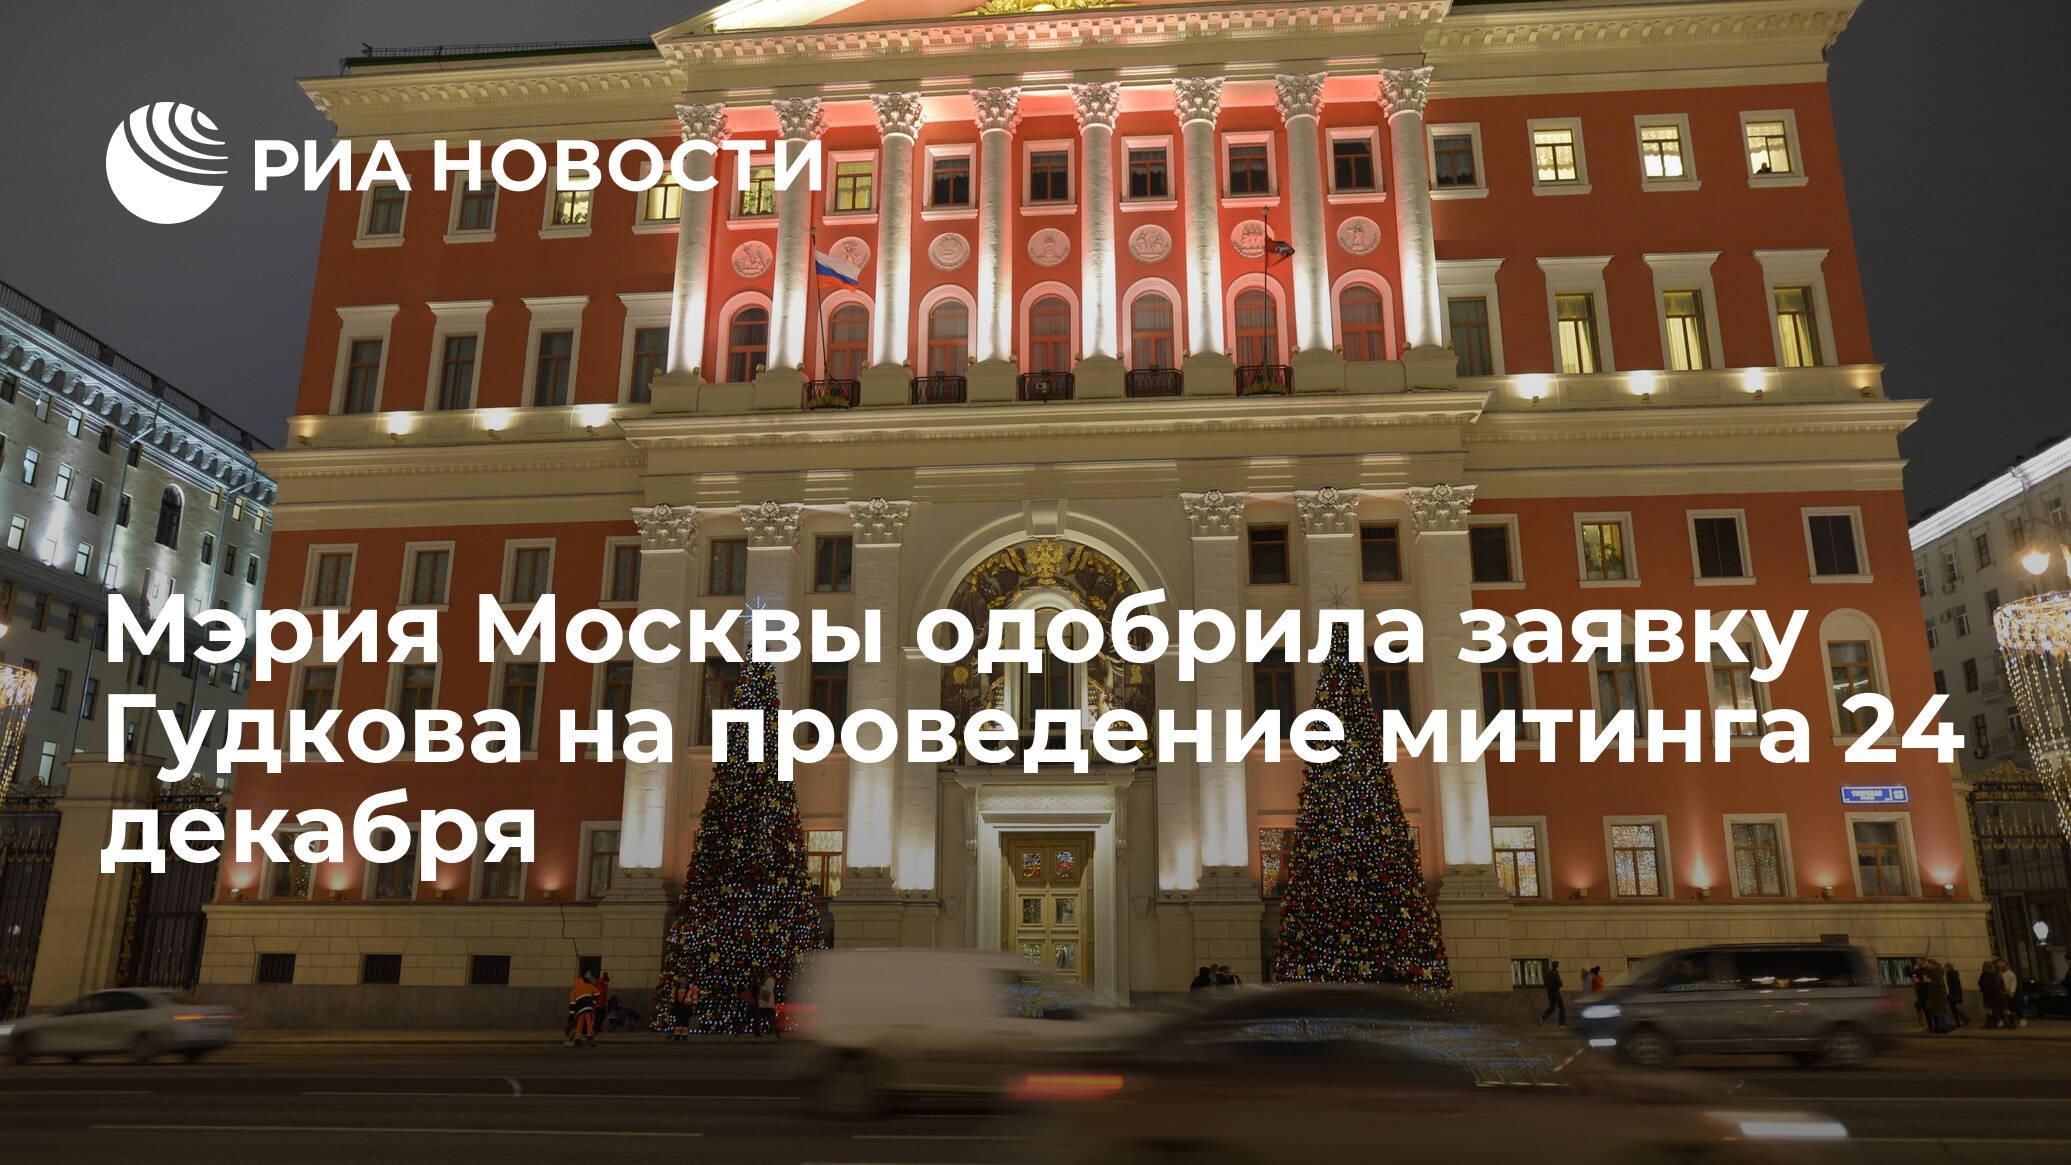 Мэрия москвы вакансии бухгалтер вакансии метро щелковская бухгалтер